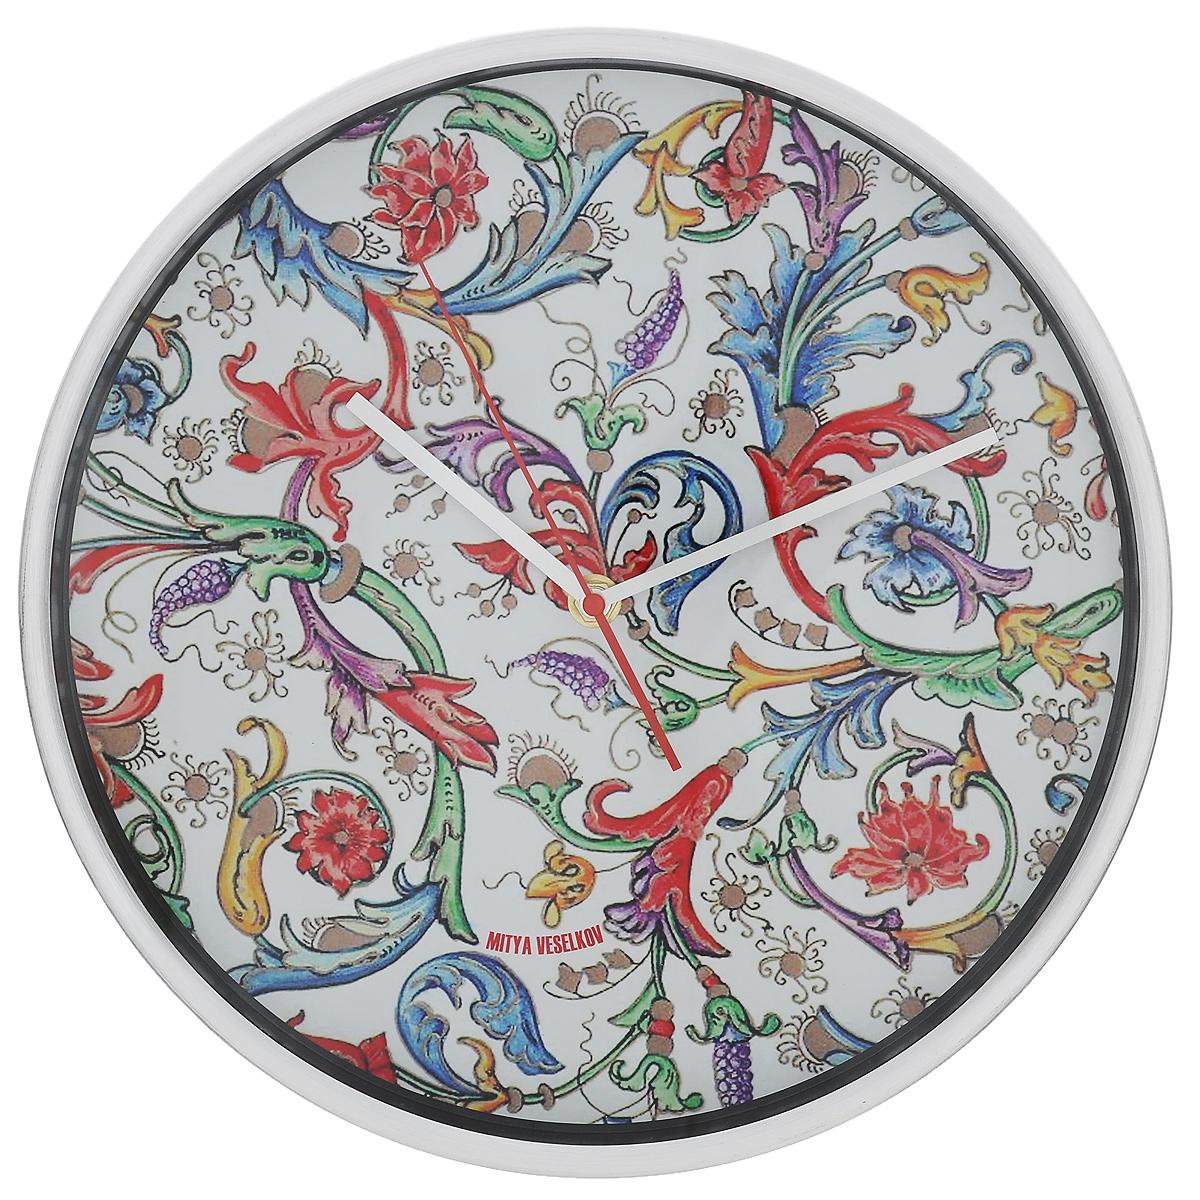 Часы настенные Райский сад (30см). MV-NAST082MV-NAST082Оригинальные настенные часы Mitya Veselkov Райский сад прекрасно дополнят интерьер комнаты. Круглый корпус часов выполнен из металла серебристого цвета с матовой полировкой. Циферблат оформлен красивыми узорами и защищен стеклом. Часы имеют три стрелки - часовую, минутную и секундную. Оформите свой дом таким интерьерным аксессуаром или преподнесите его в качестве презента друзьям, и они оценят ваш оригинальный вкус и неординарность подарка. Диаметр часов: 30 см. Толщина корпуса: 4 см. Часы работают от 1 батарейки типа АА (в комплект не входит).